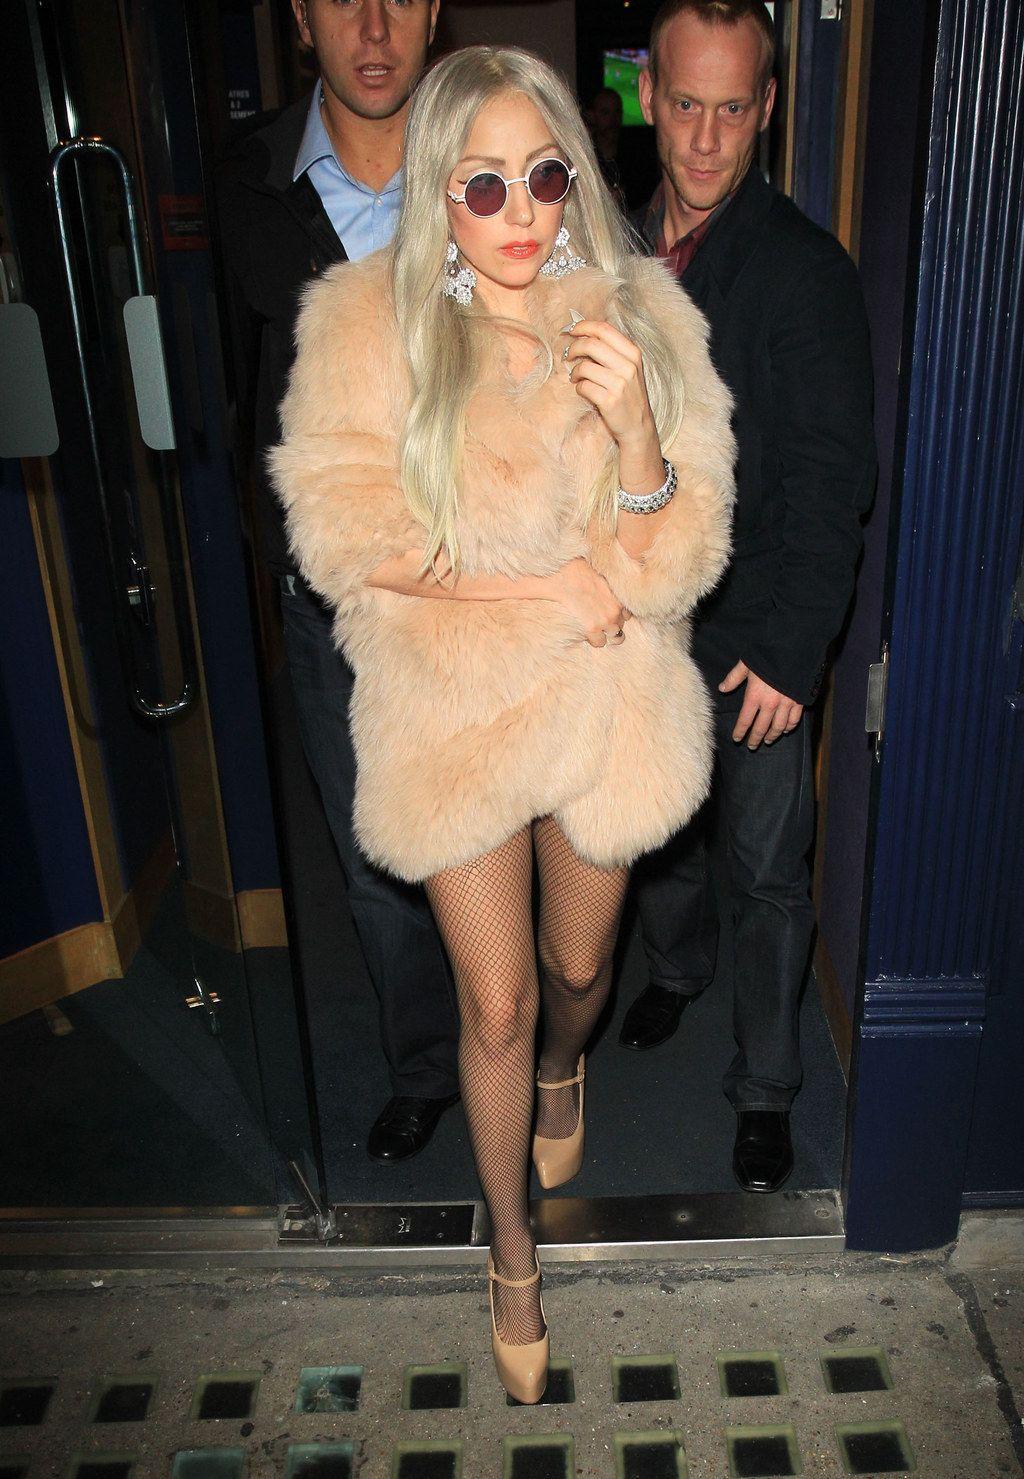 Top 20 Lady Gaga Crazy Fashion Style Photos | Lady gaga